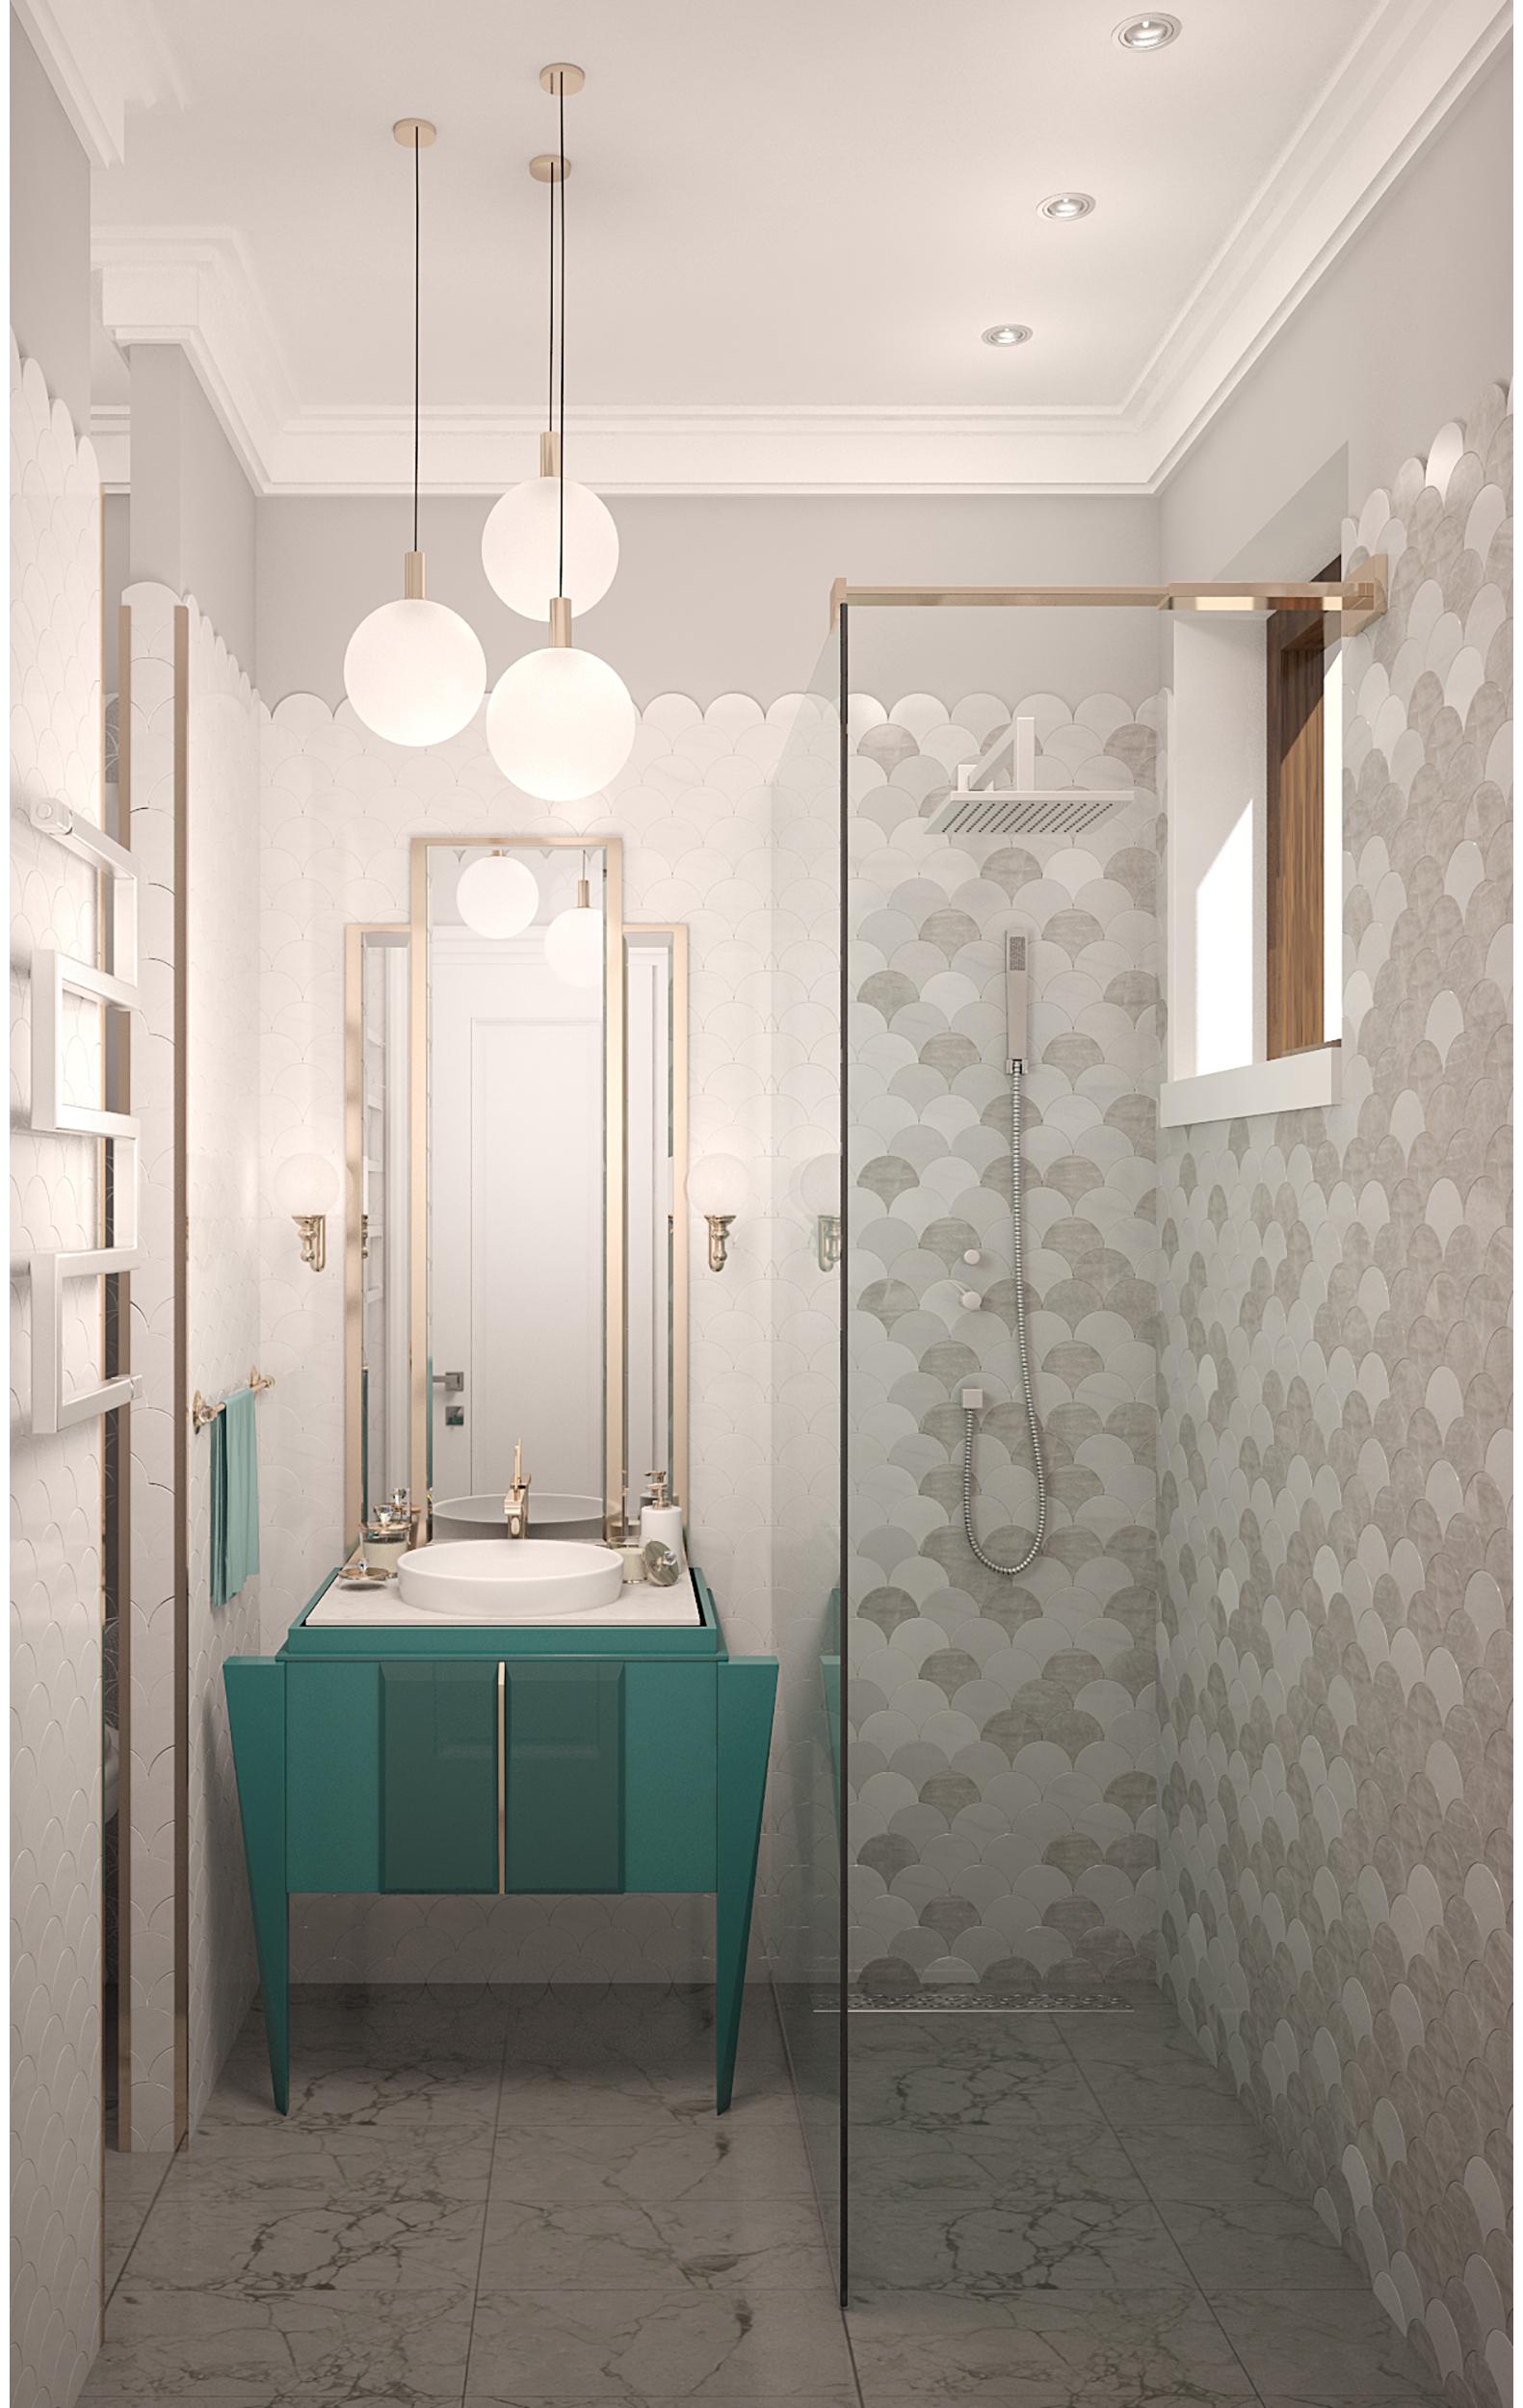 Copy of Bathroom interior art deco style